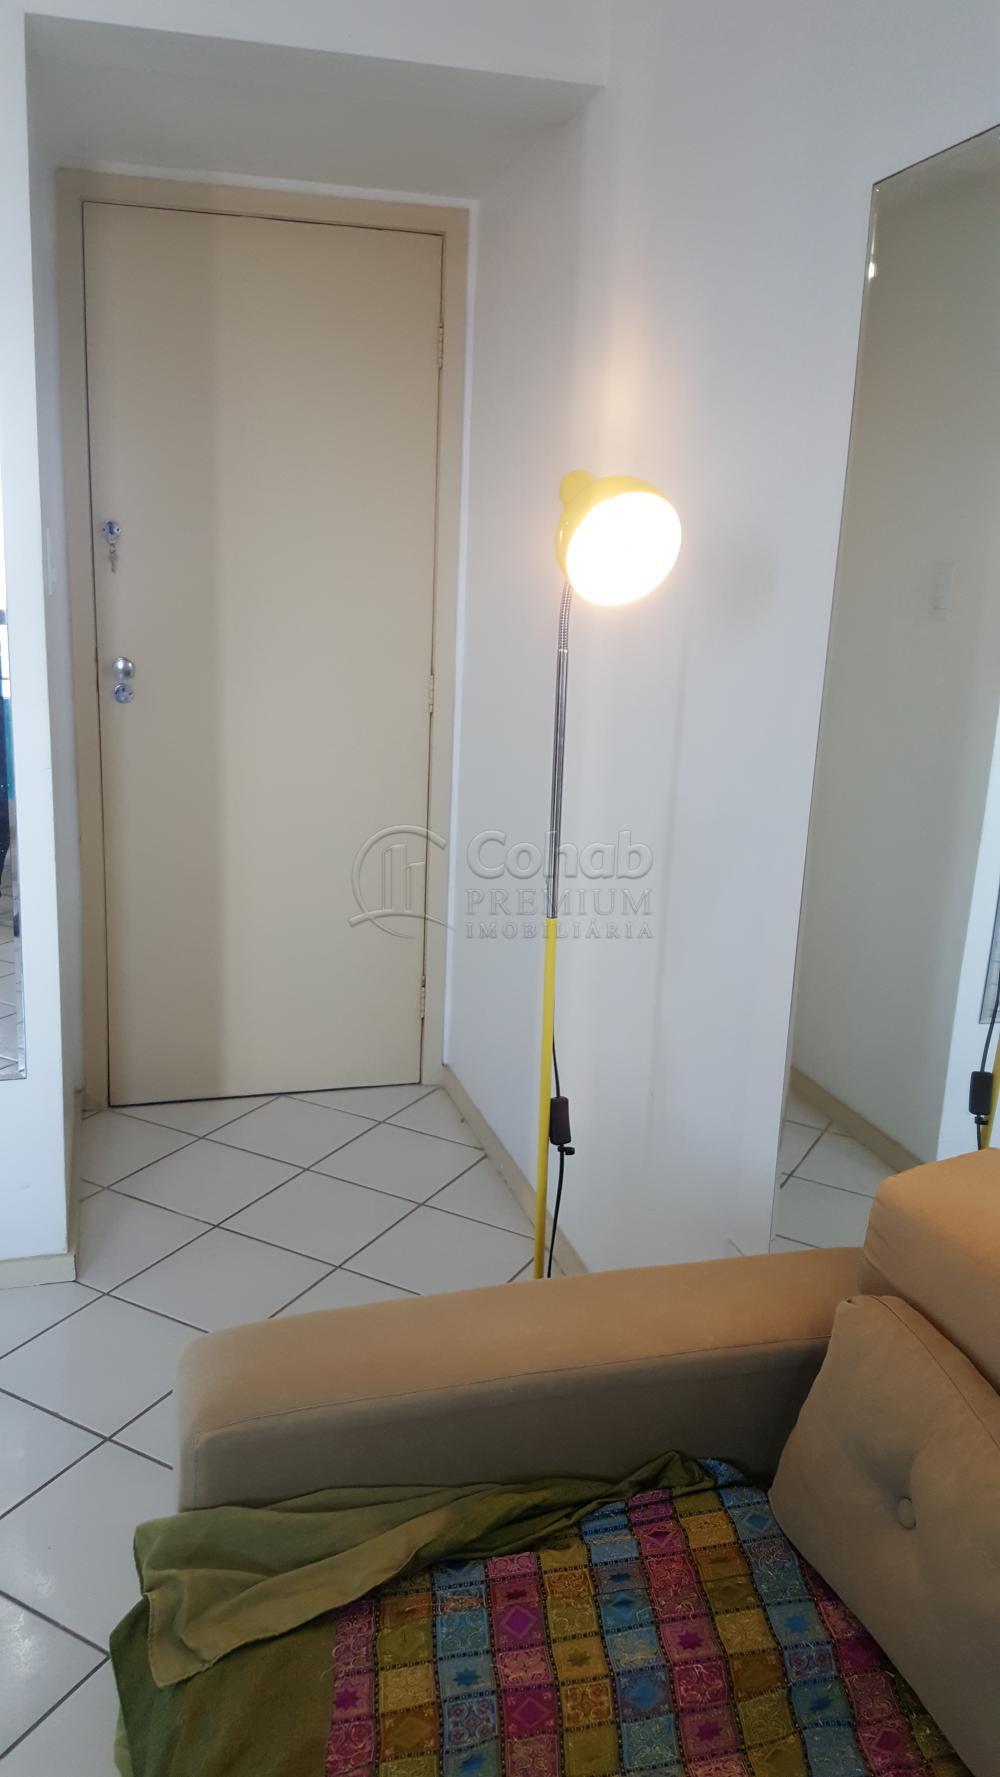 Comprar Apartamento / Padrão em Aracaju R$ 250.000,00 - Foto 12